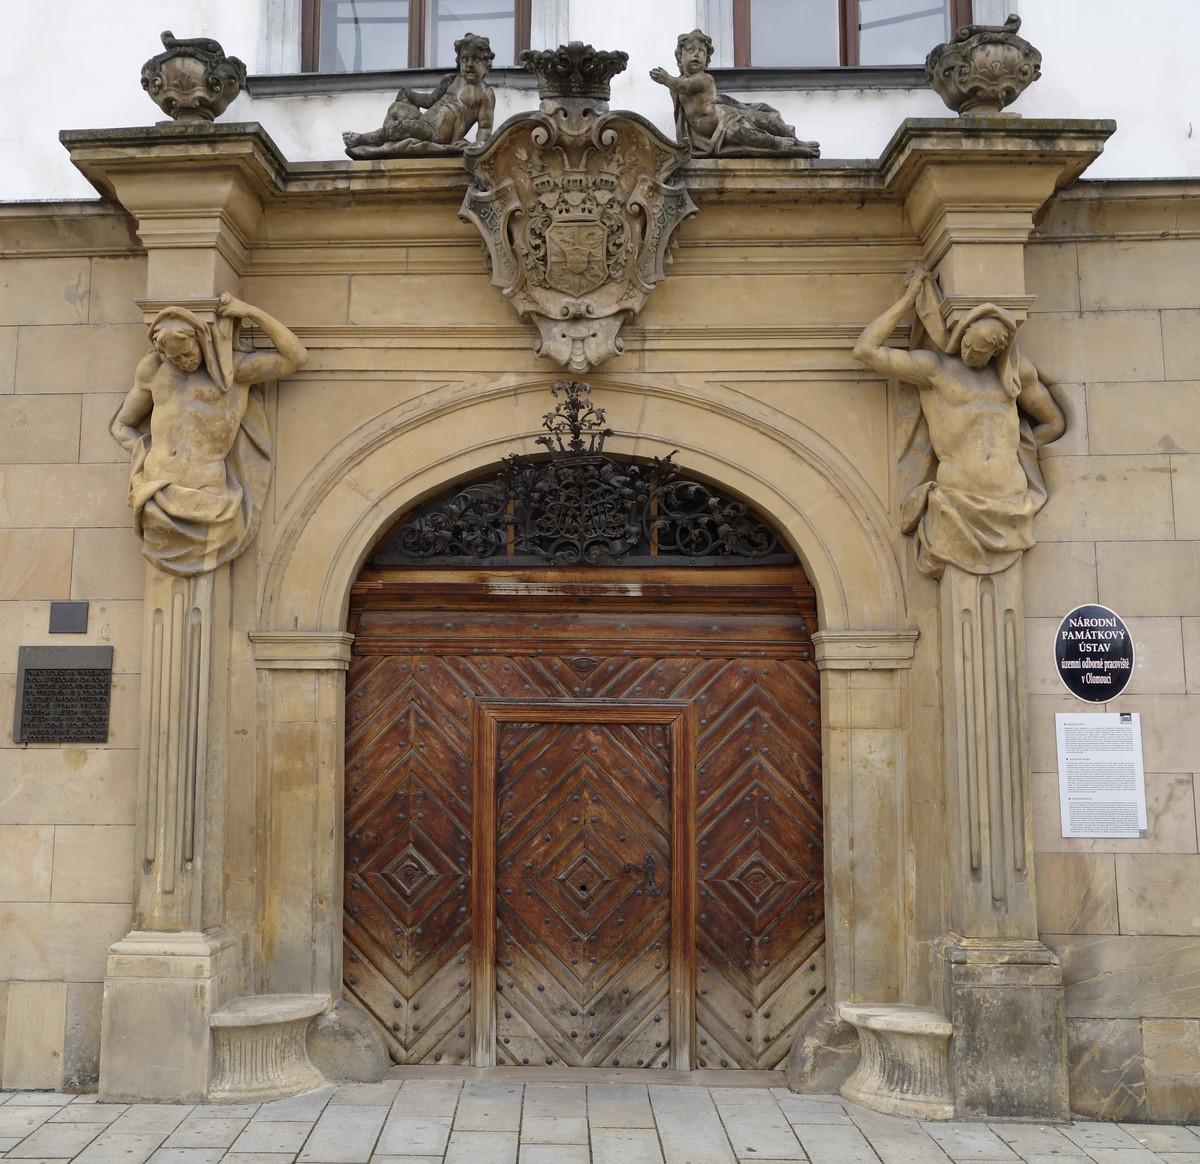 Olomouc, Horní náměstí, Petrášův palác